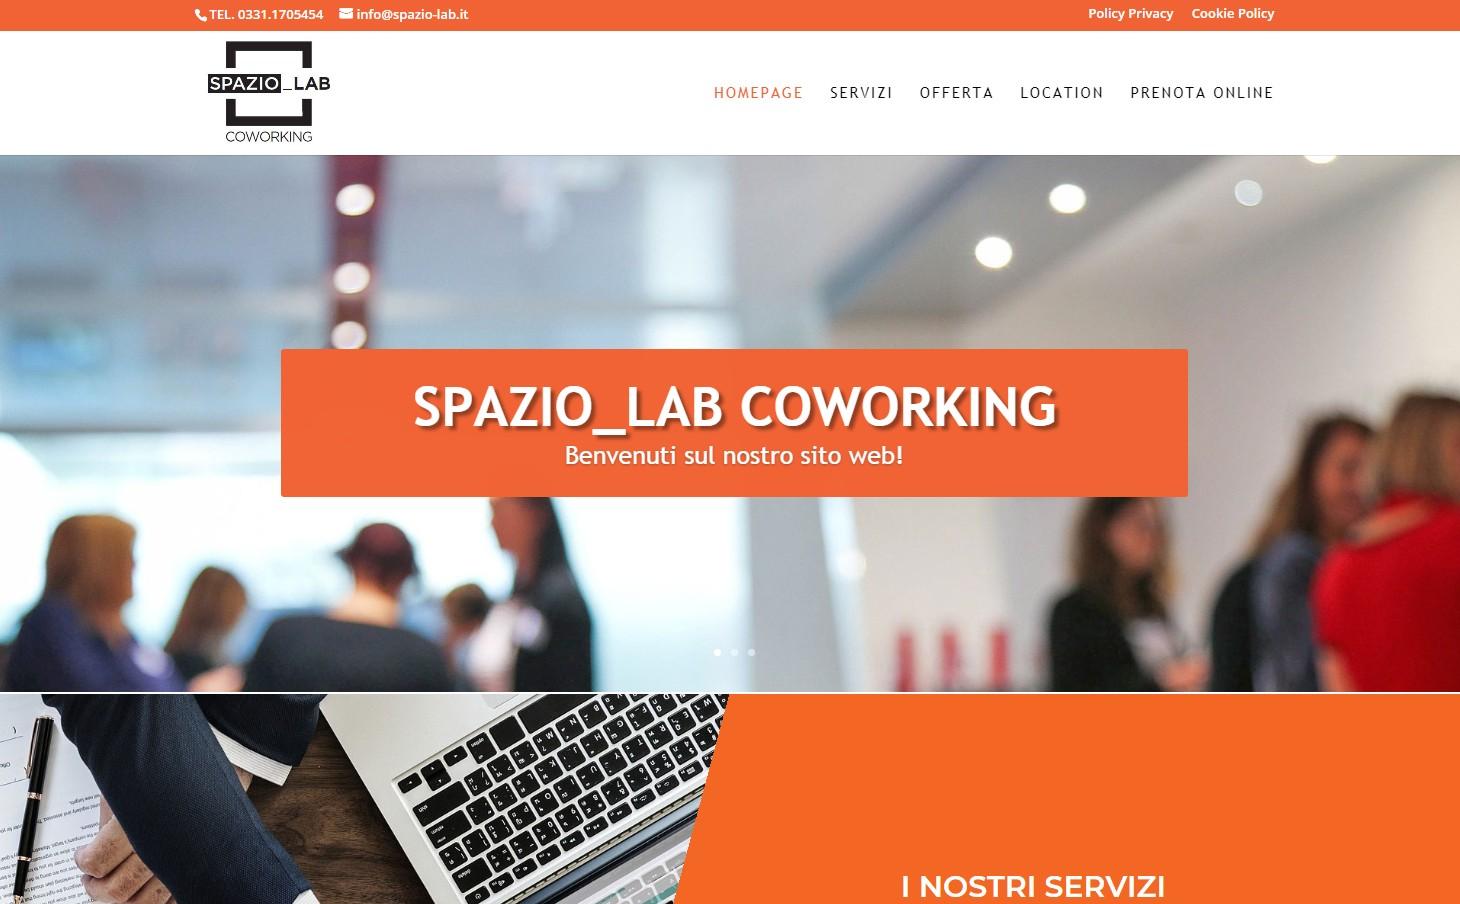 Spazio Lab Coworking Mozzate (CO)